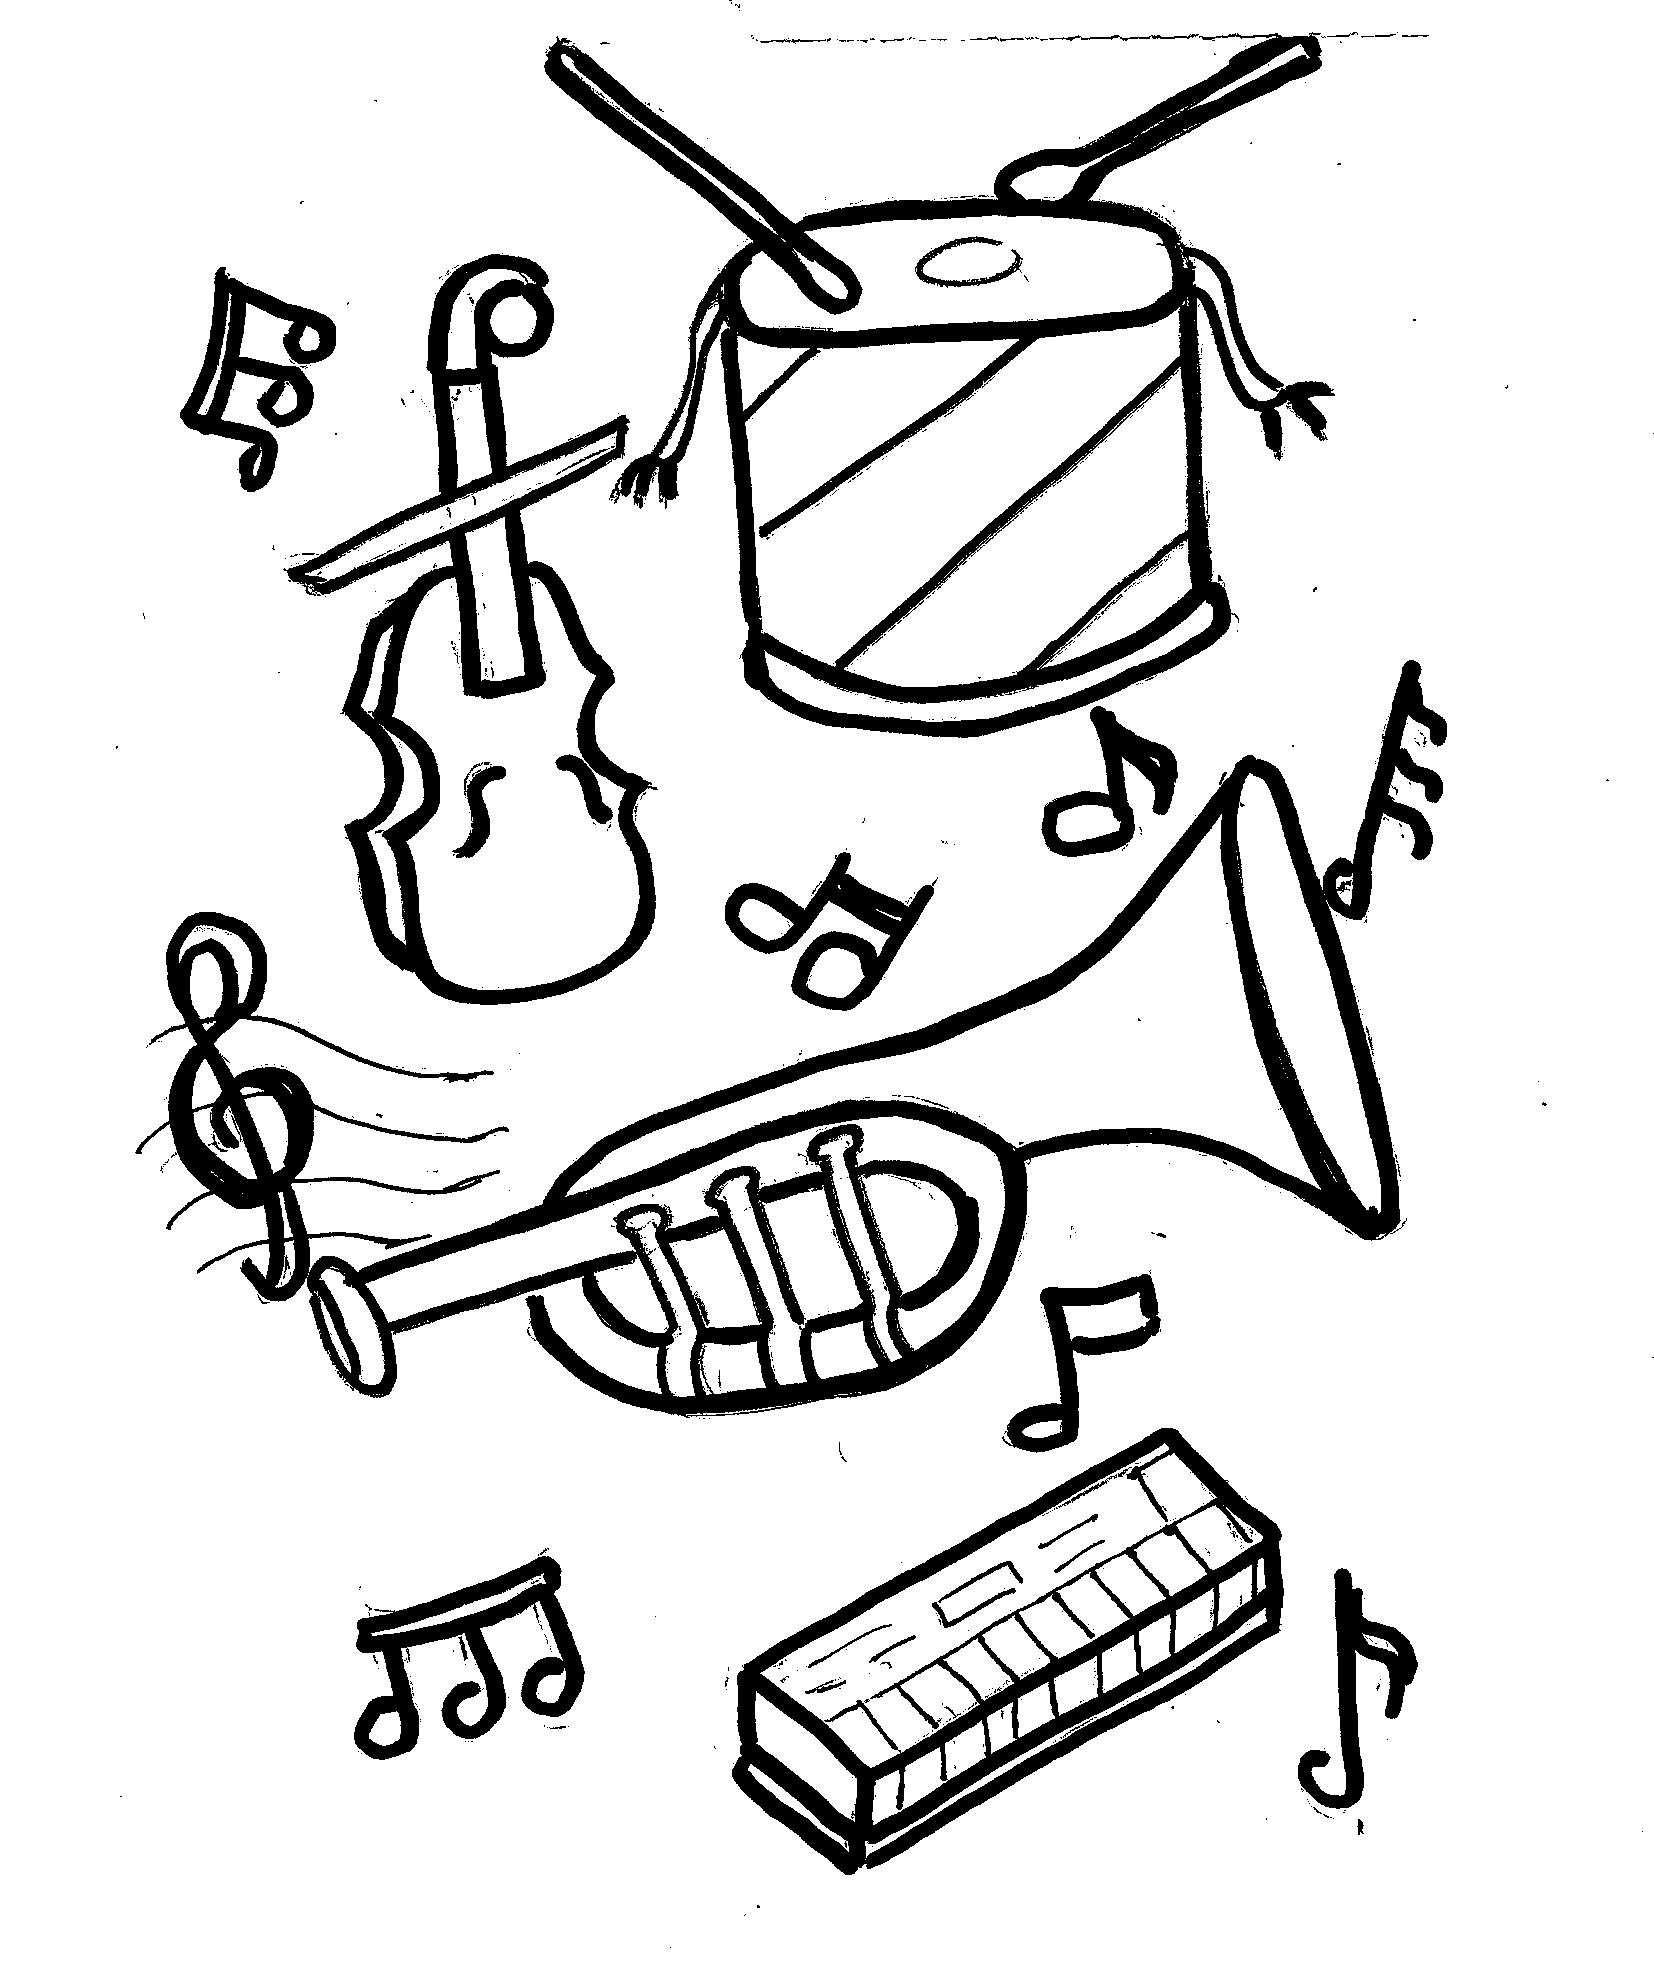 Disegni Da Colorare Bambini I Strumenti Musicali